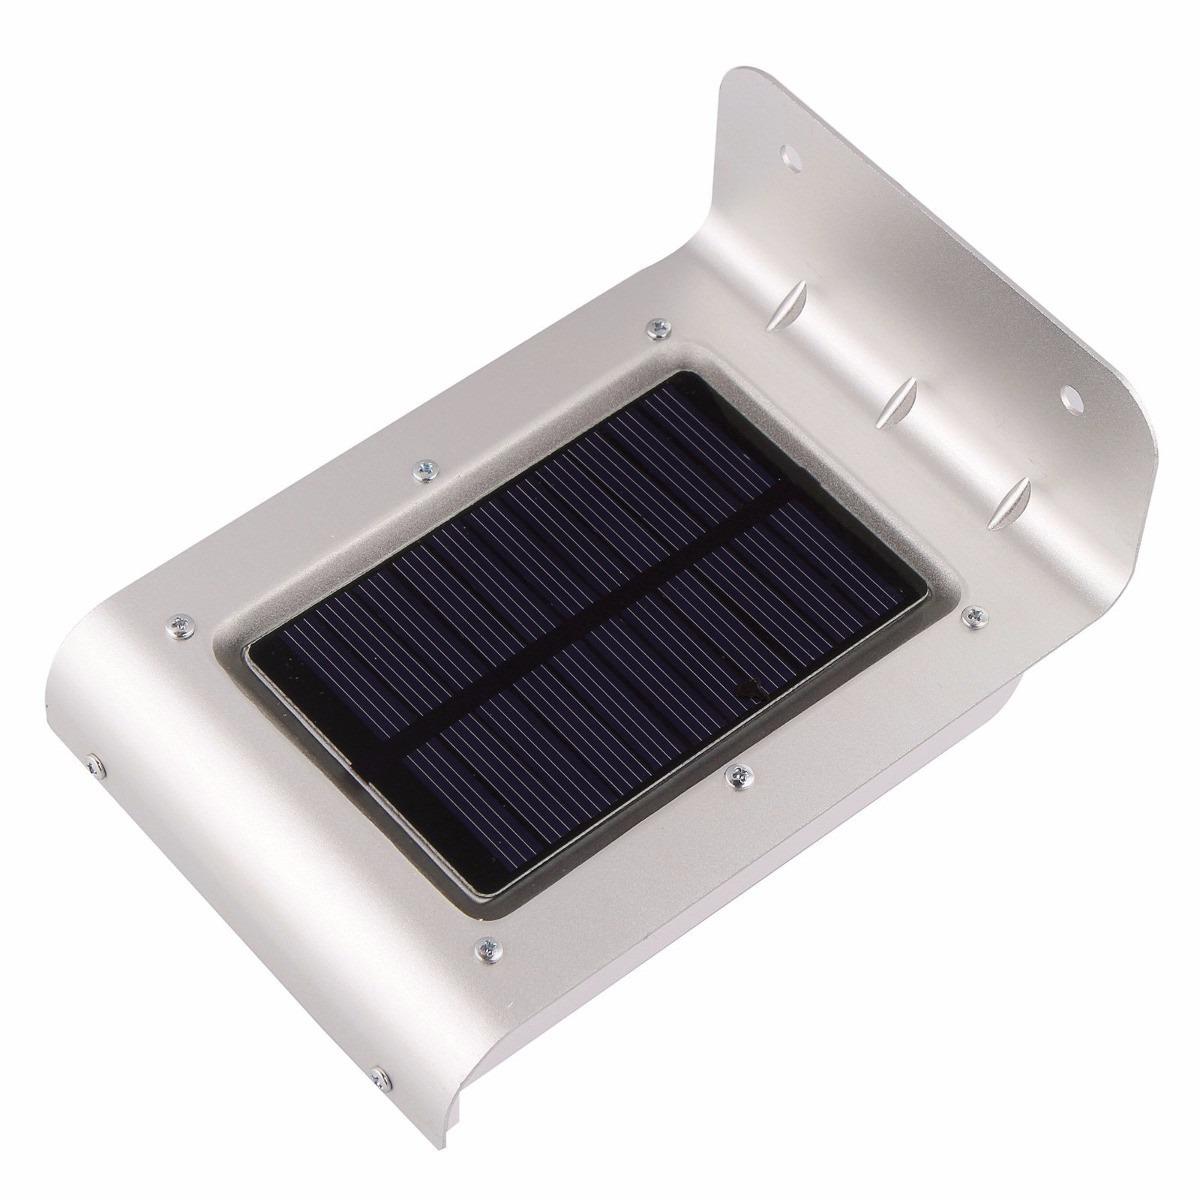 Foco luz solar 16 leds sensor de luz y movimiento version - Focos led solares ...